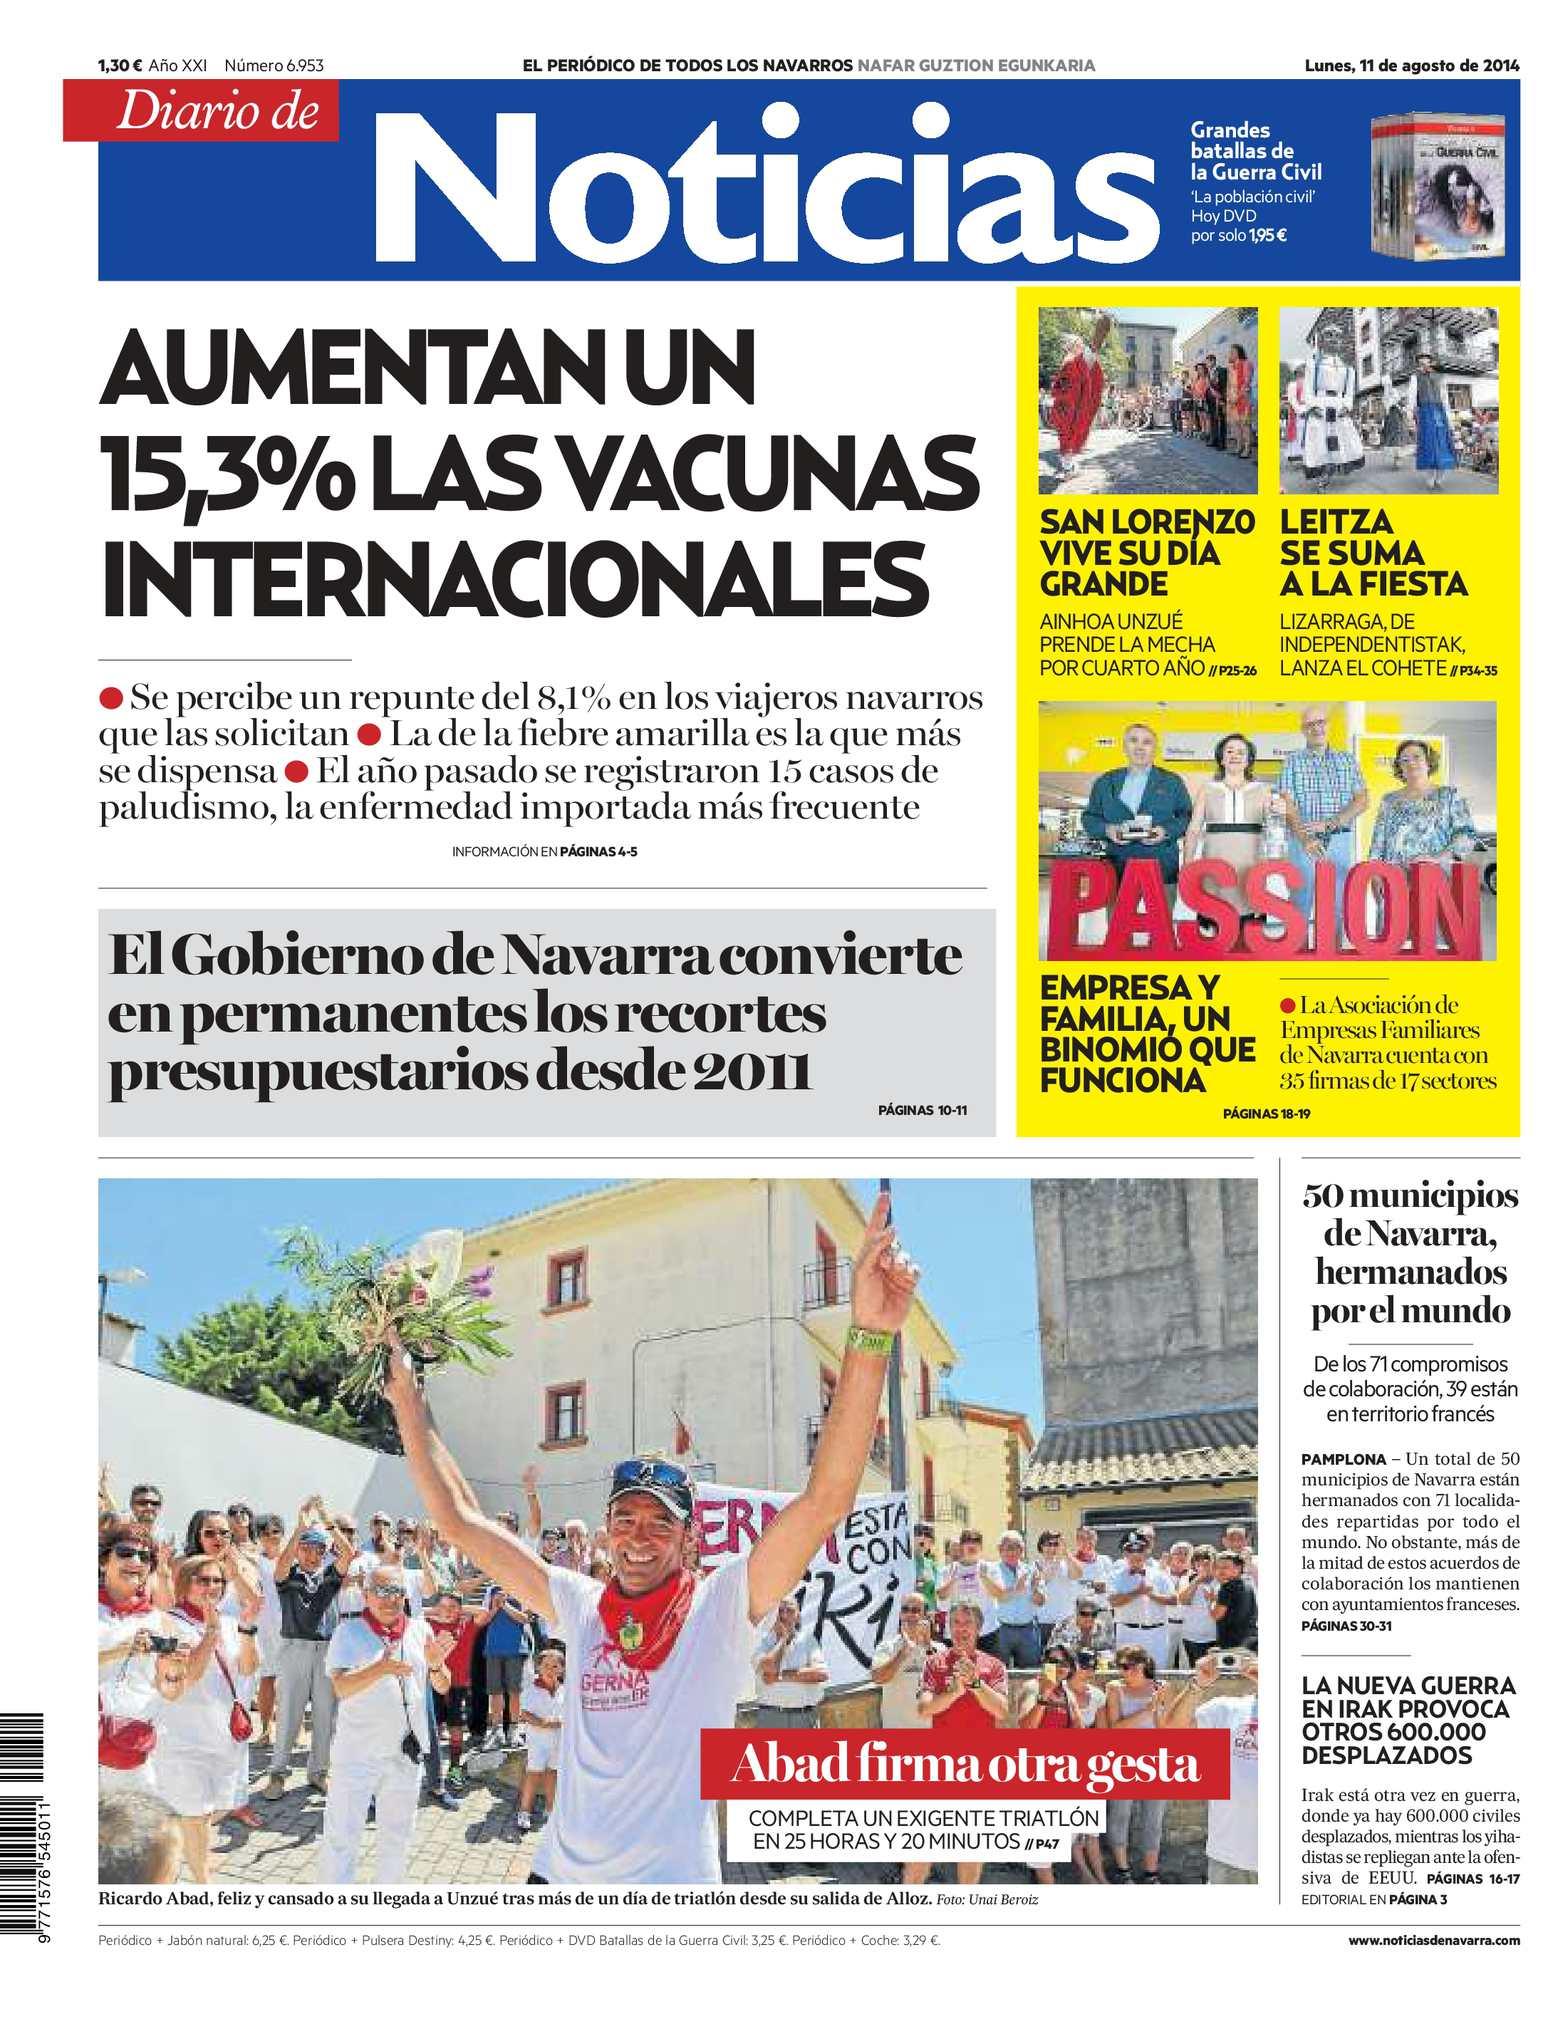 Calaméo - Diario de Noticias 20140811